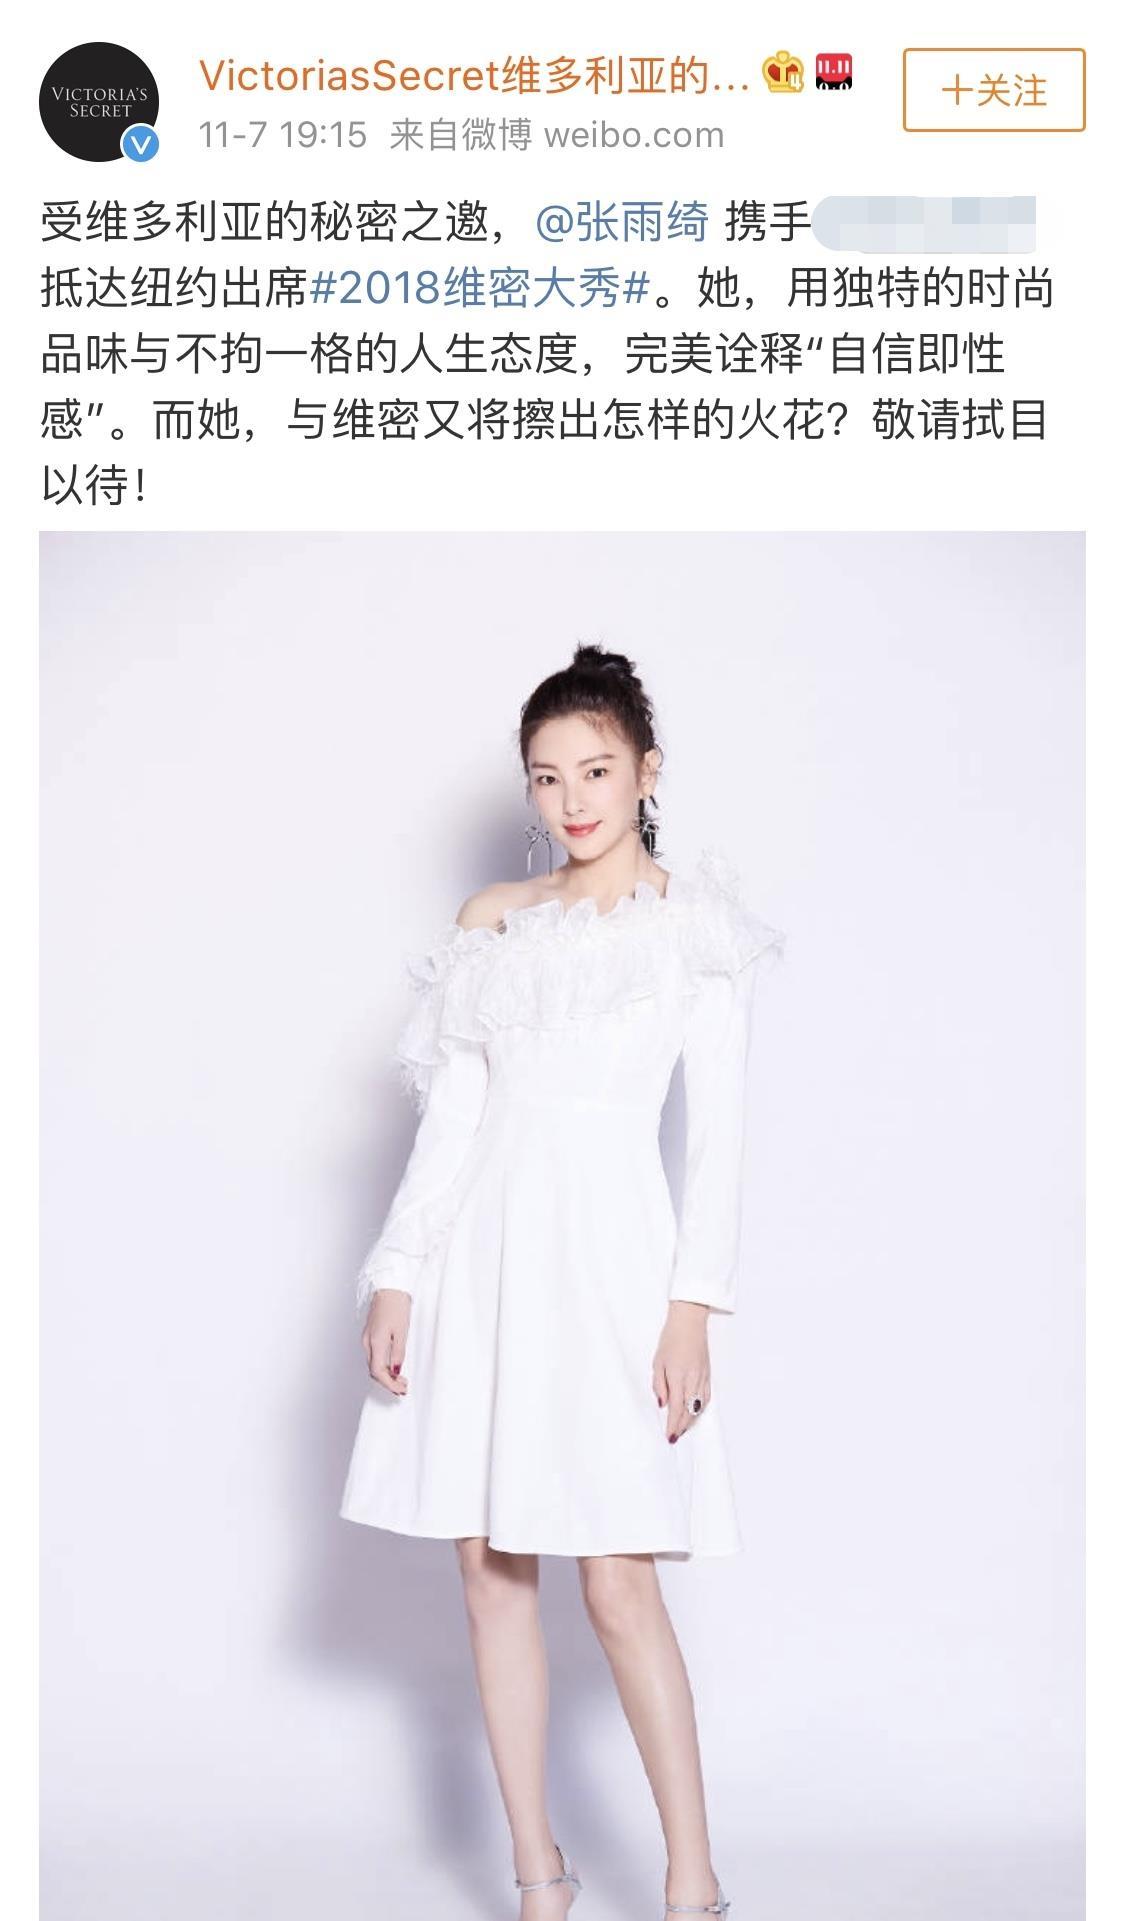 """张雨绮受官方邀请看秀 实力诠释""""自信即性感"""""""